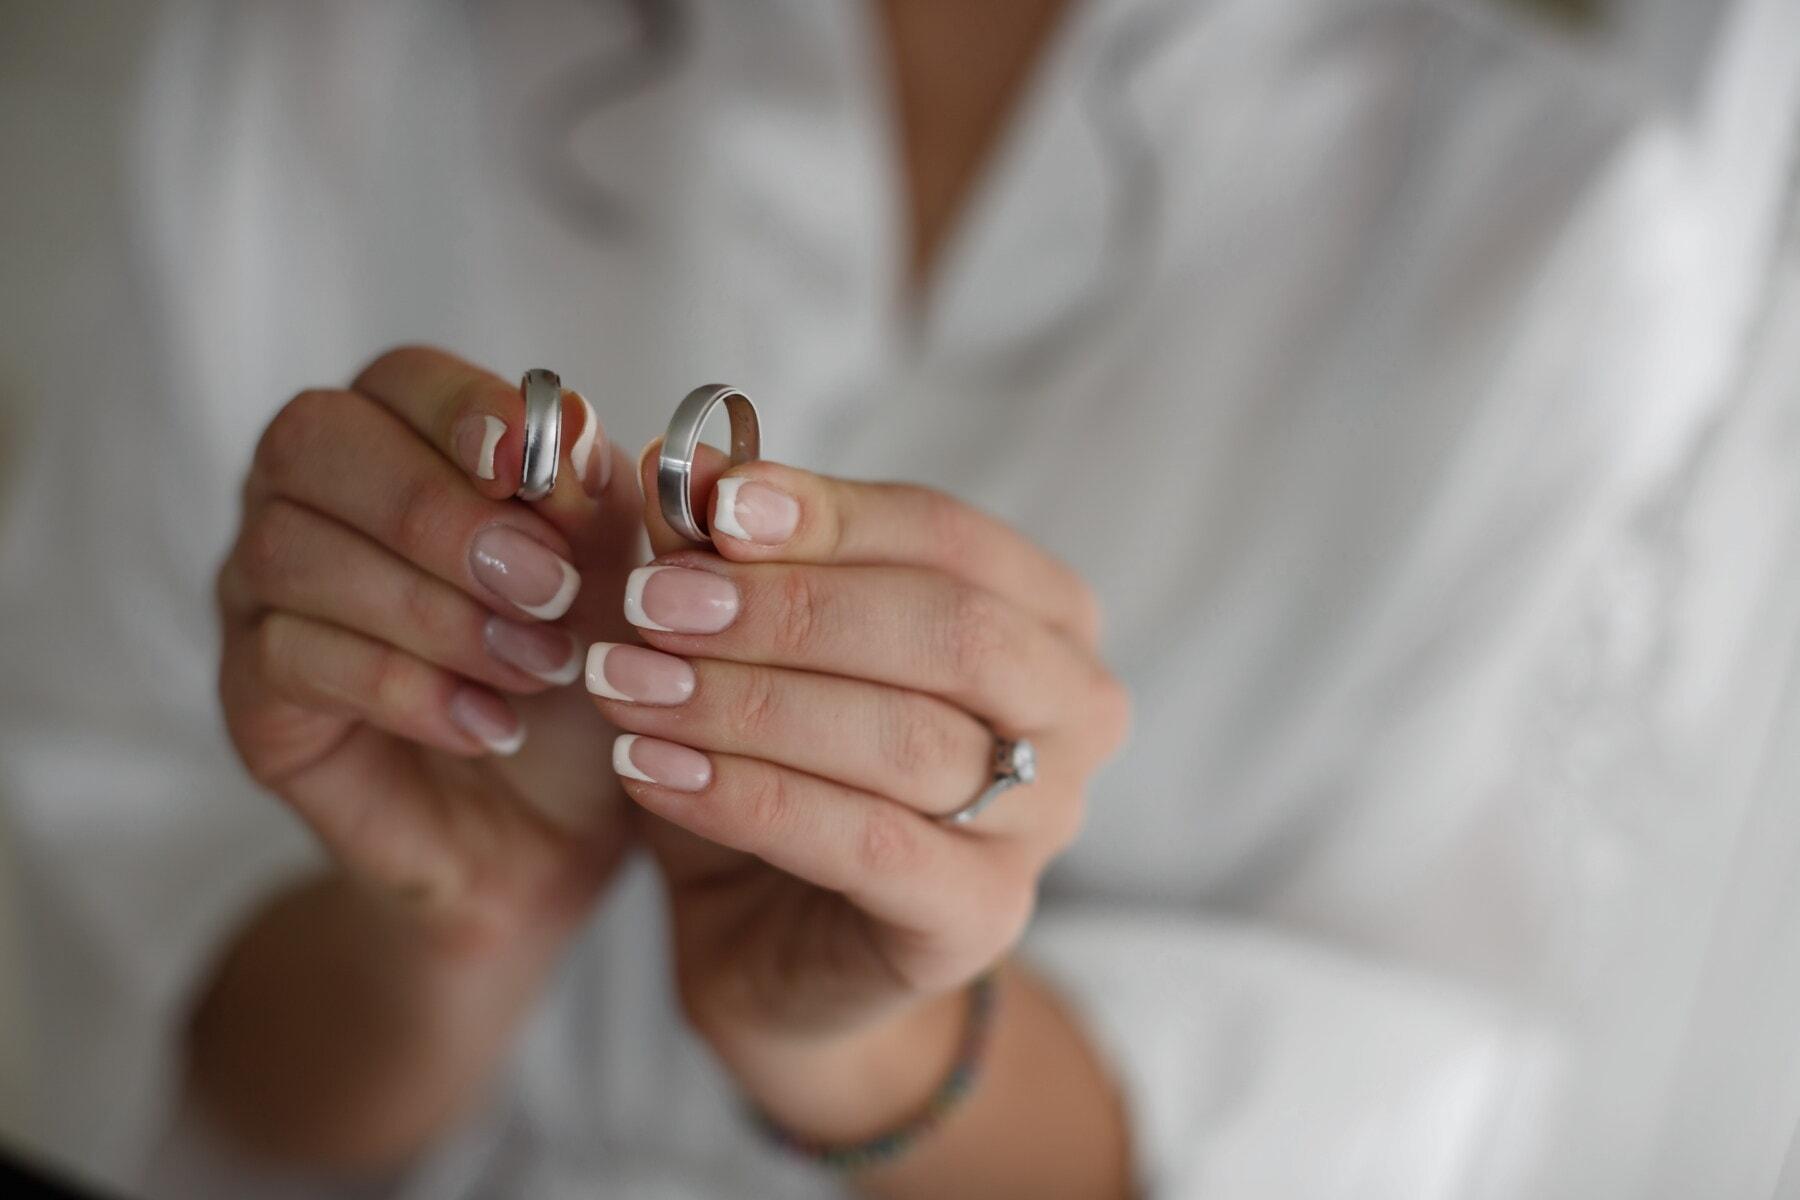 Lust auf, Hände, Ehering, Maniküre, Ringe, goldener Schein, Schmuck, Frau, Finger, Hand